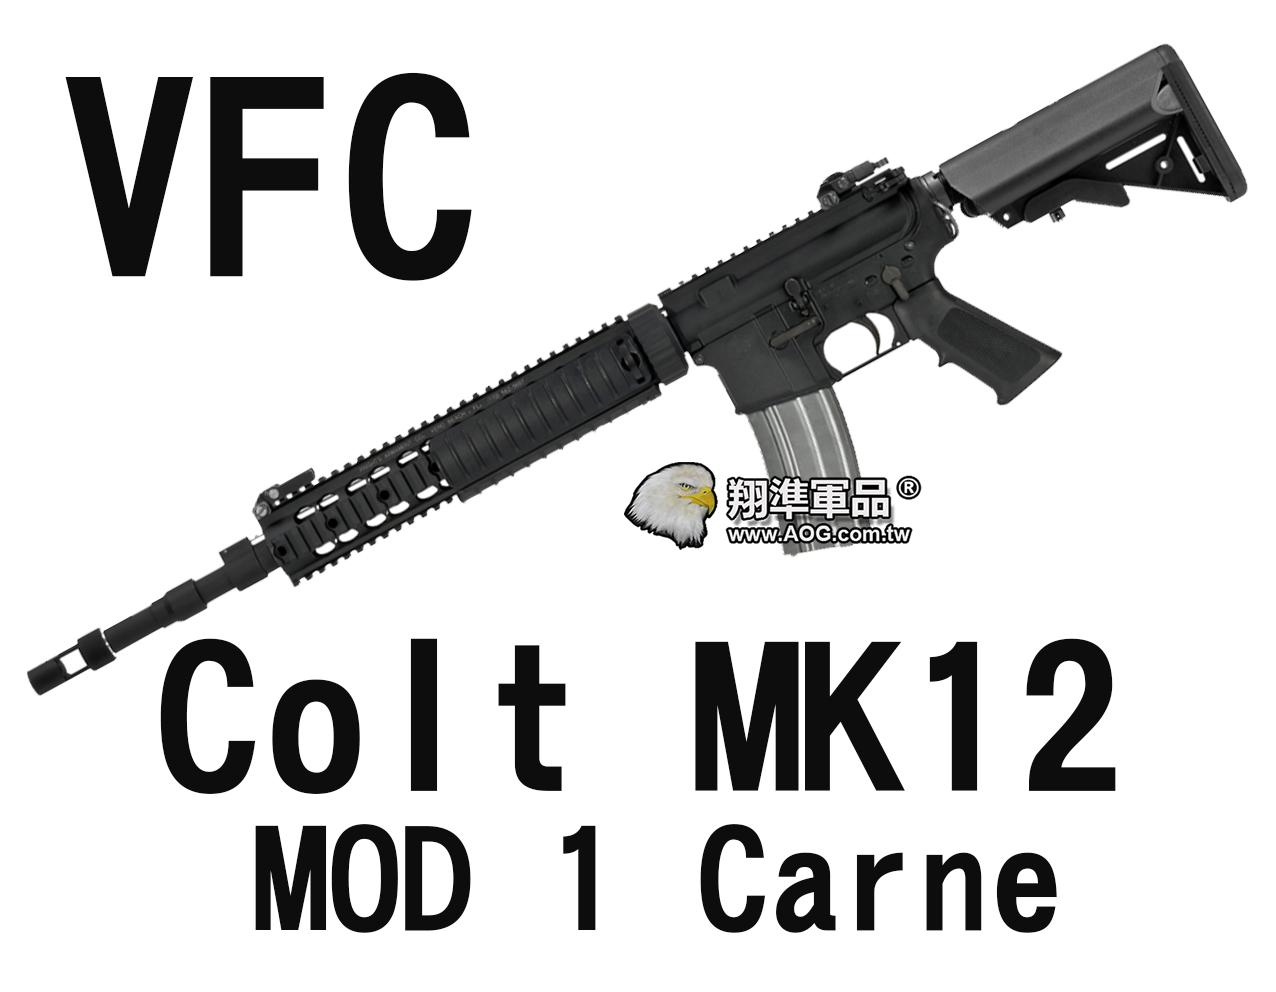 【翔準軍品AOG】【VFC】Colt MK12 MOD 1 Carne 海豹托魚骨版 電動槍 狙擊槍 黑色 VF1-LMK12M1-BK01